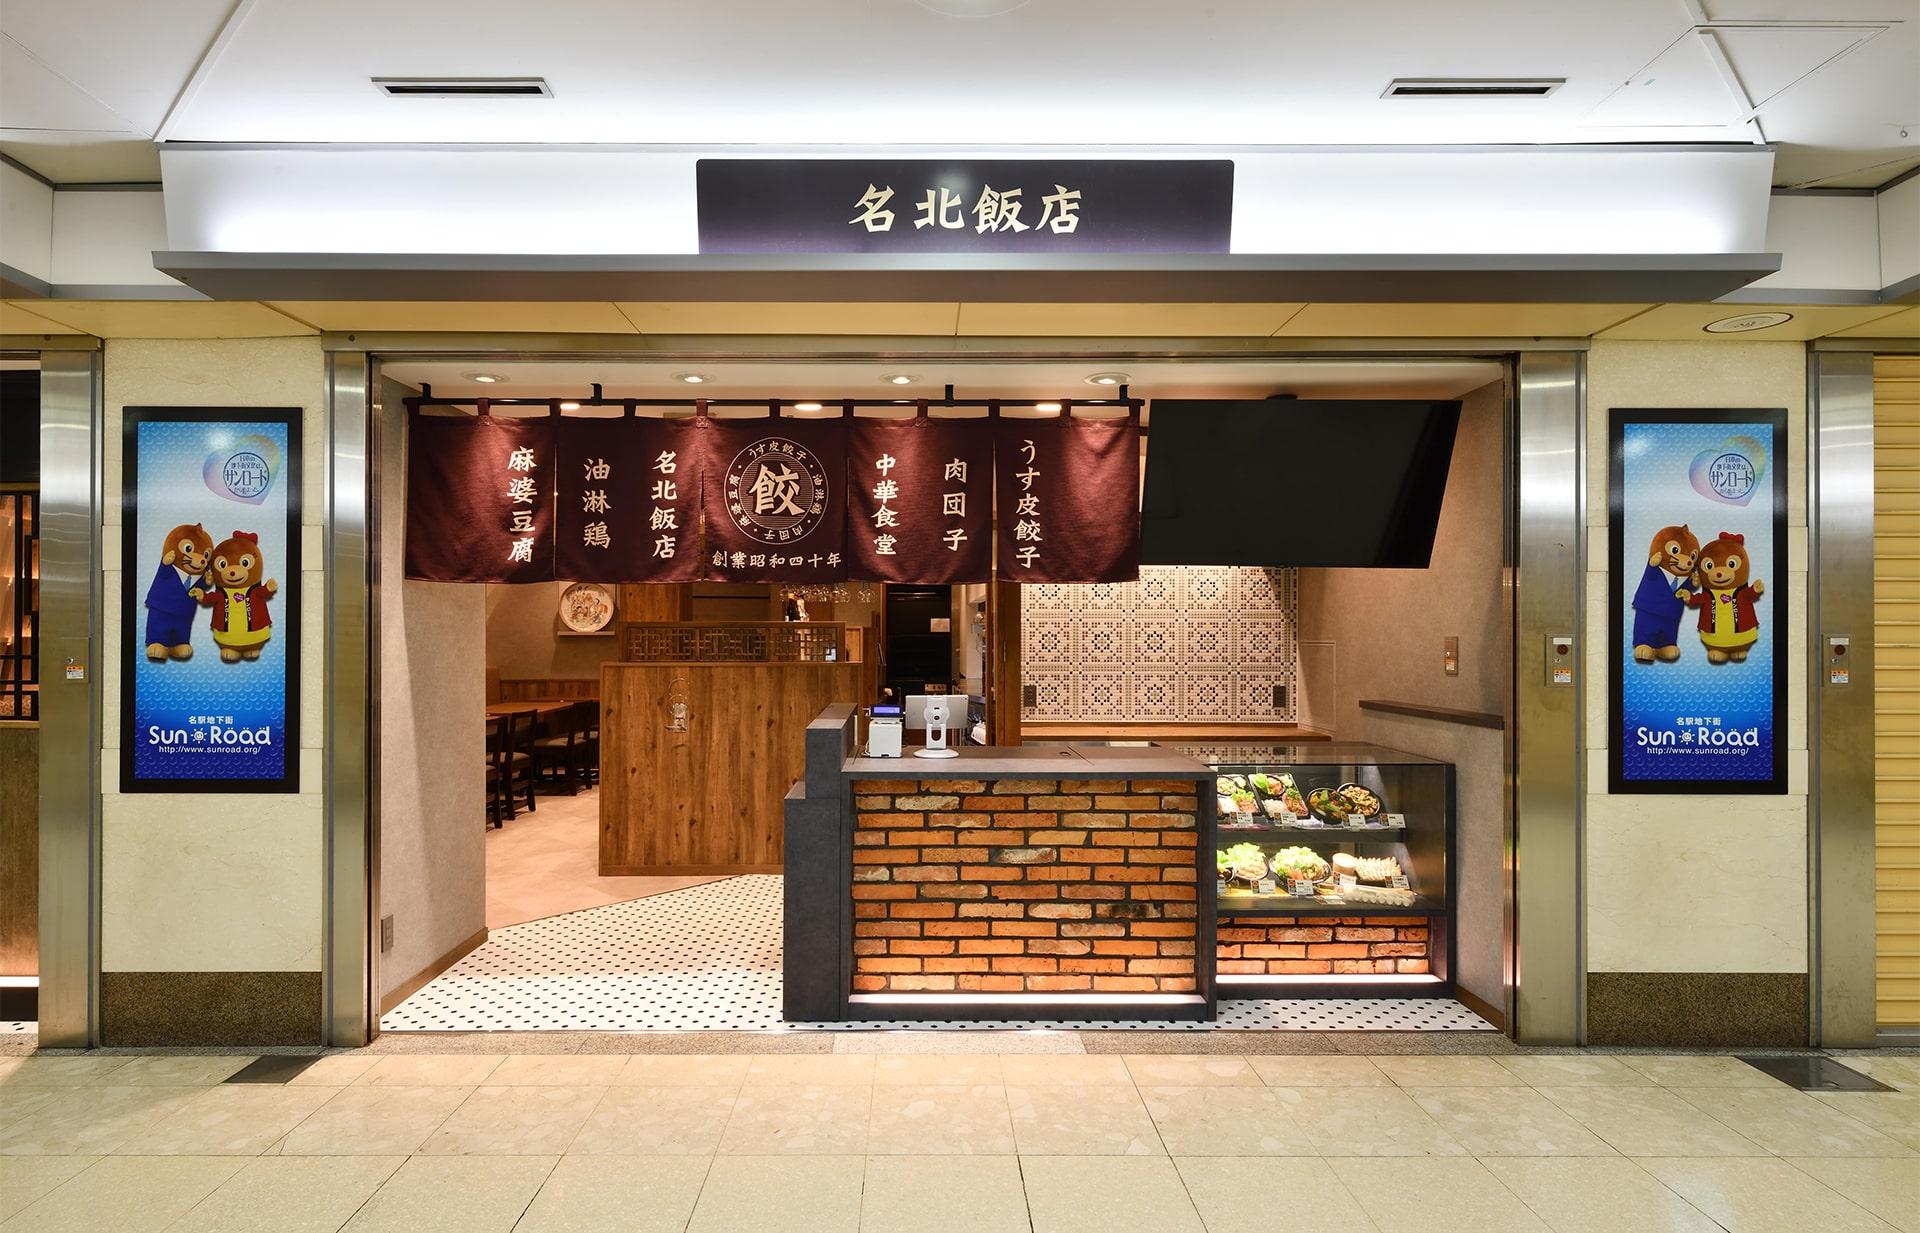 名北飯店 サンロード店